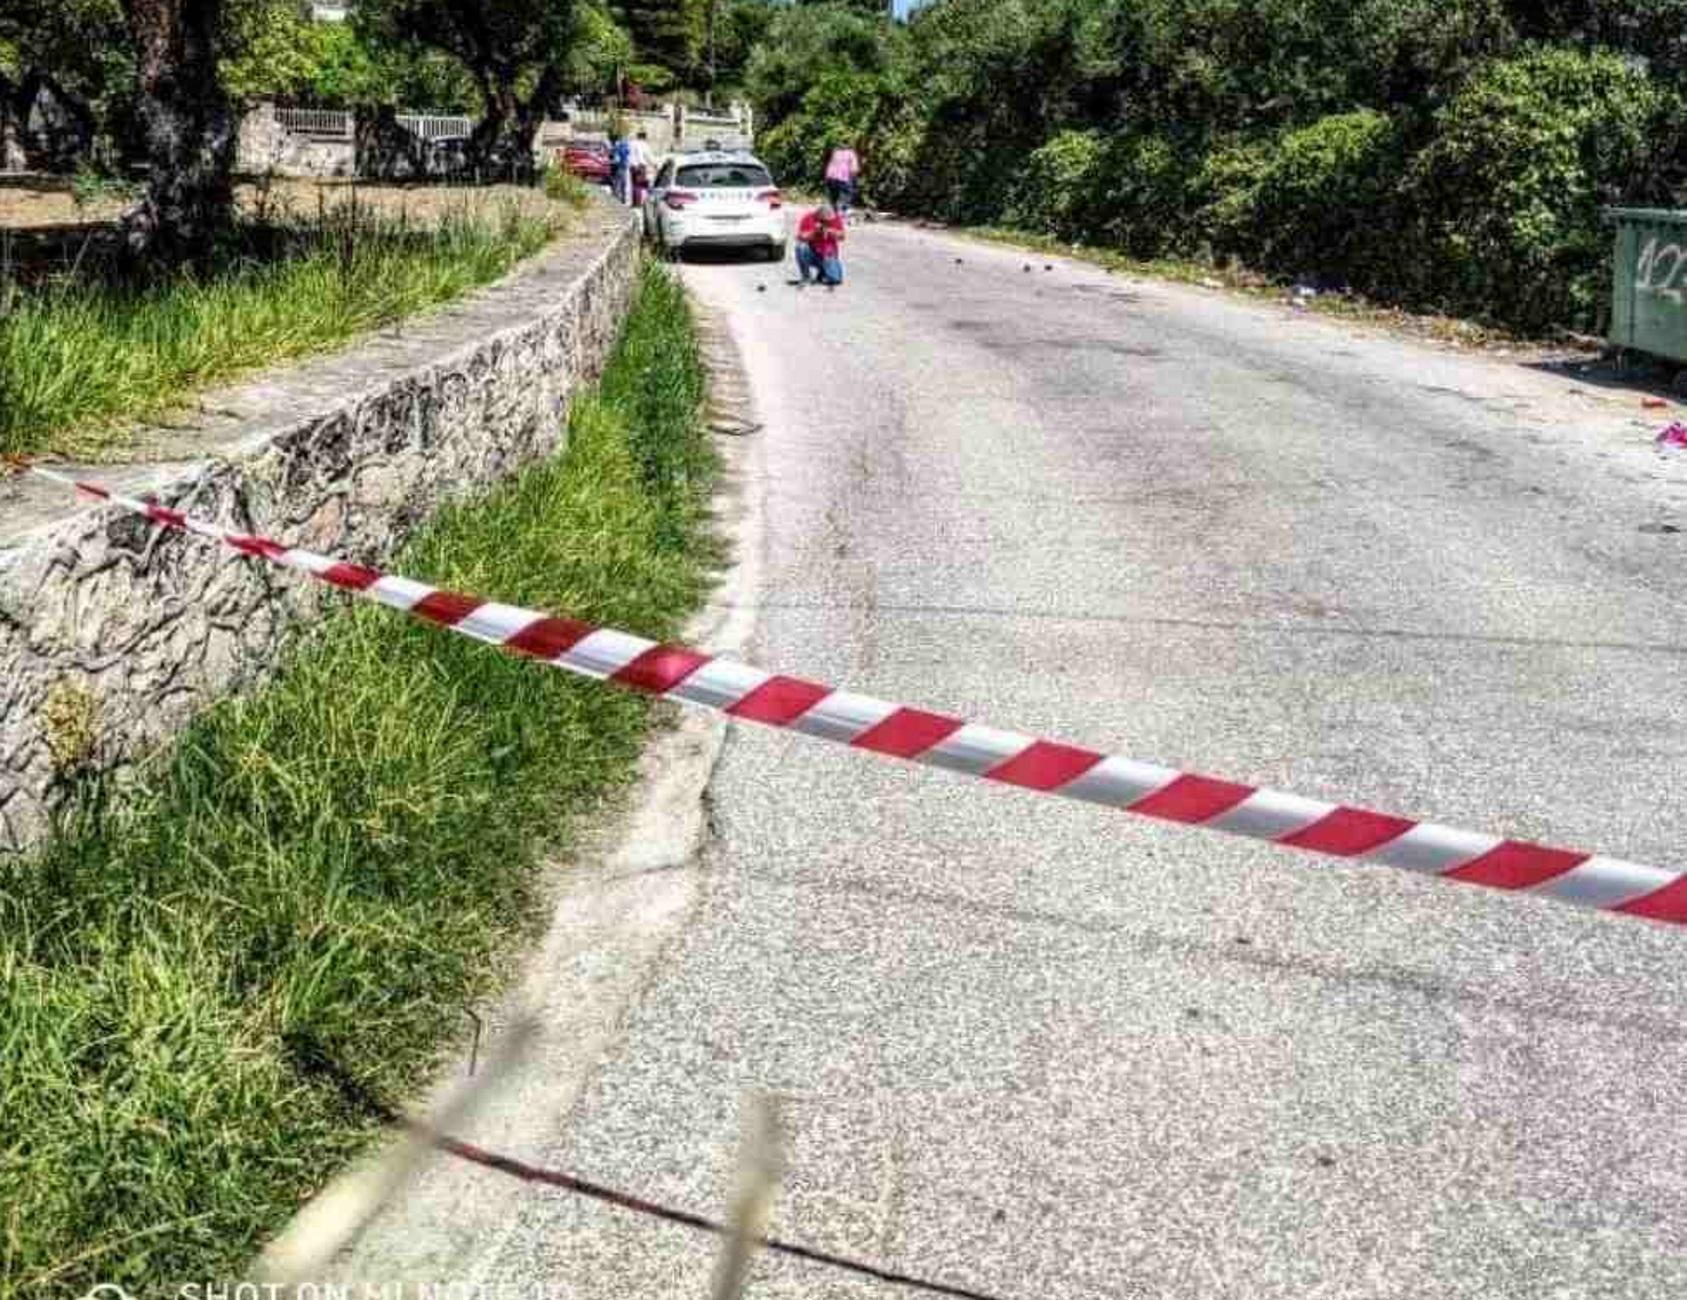 Ζάκυνθος: Σκοτεινά μυστικά πίσω από τη μαφιόζικη δολοφονία γυναίκας! Φύλλο και φτερό το παρελθόν του ζευγαριού (Φωτό)